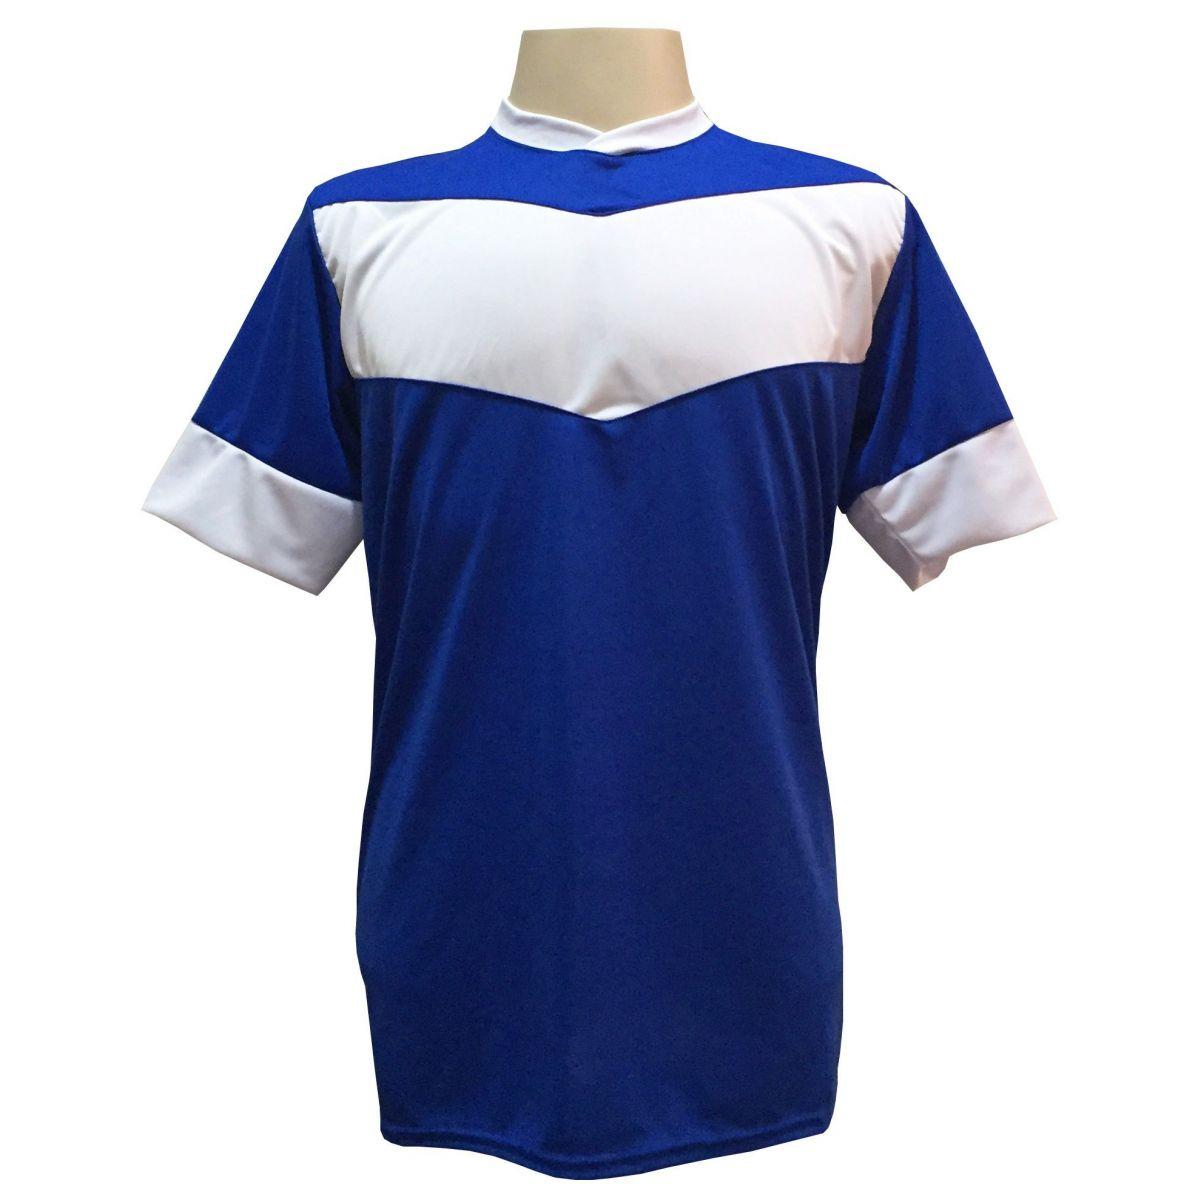 Fardamento Completo Modelo Columbus 18+1 (18 Camisas Royal/Branco + 18 Calções Madrid Royal + 18 Pares de Meiões Royal + 1 Conjunto de Goleiro) + Brindes